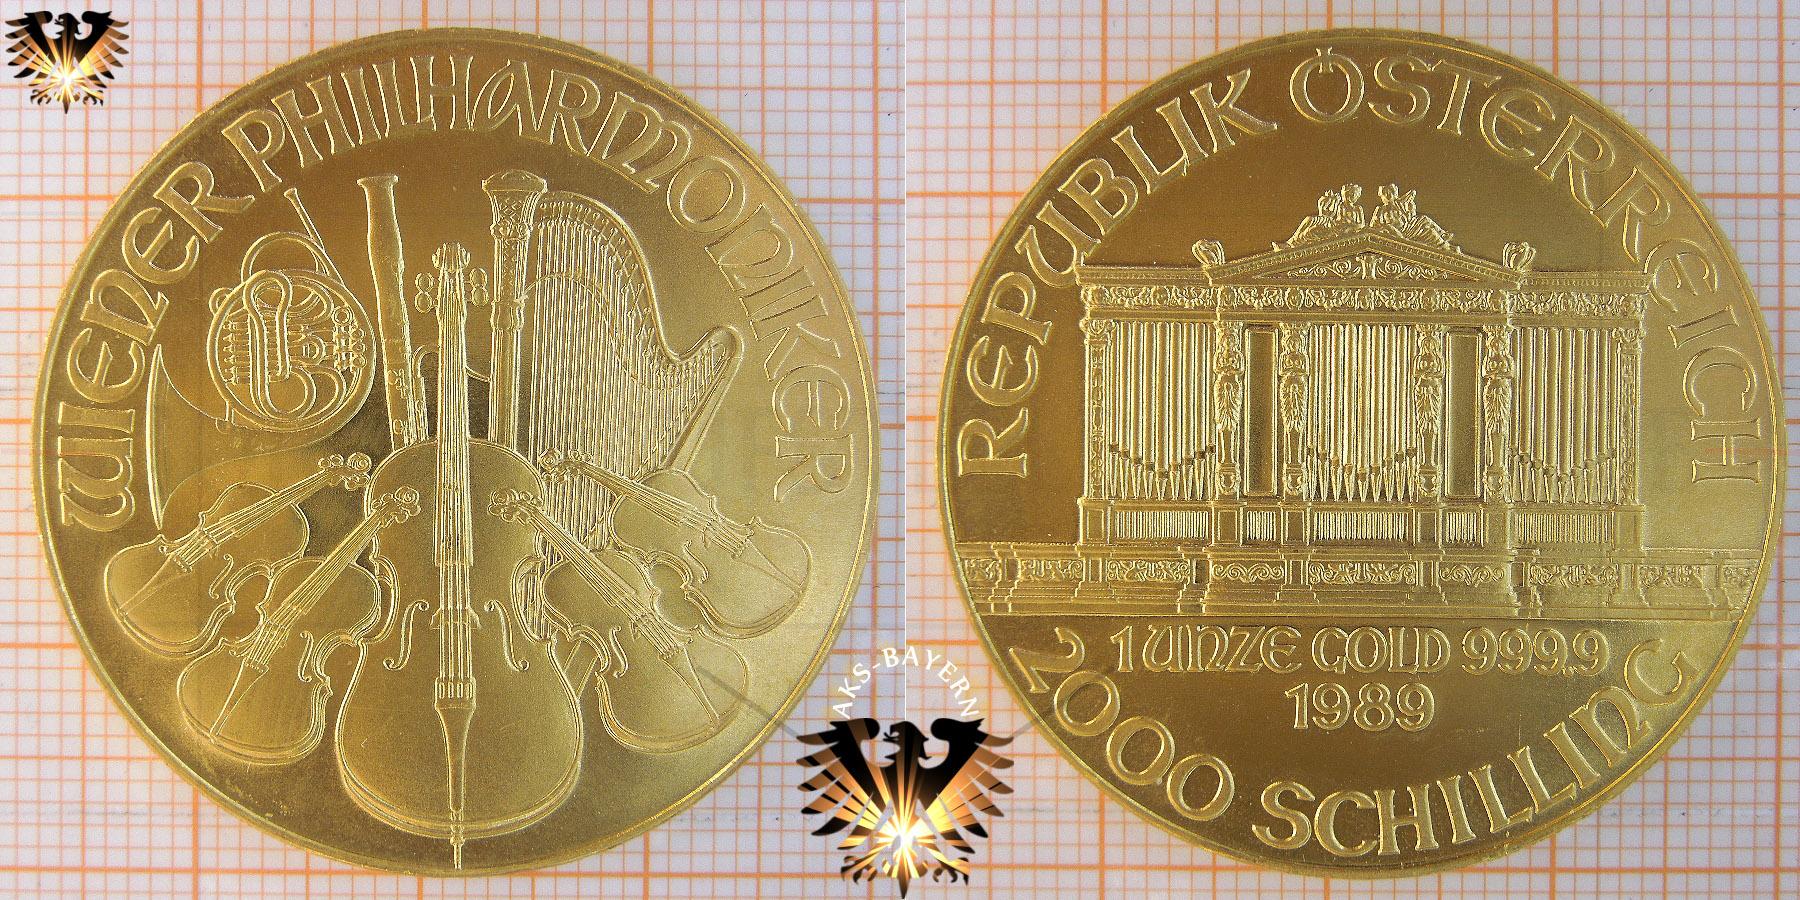 2000, Schilling, Österreich, 1989,  Wiener Philharmoniker 1 Unze Bulliongold © goldankaufstelle-bayern.de